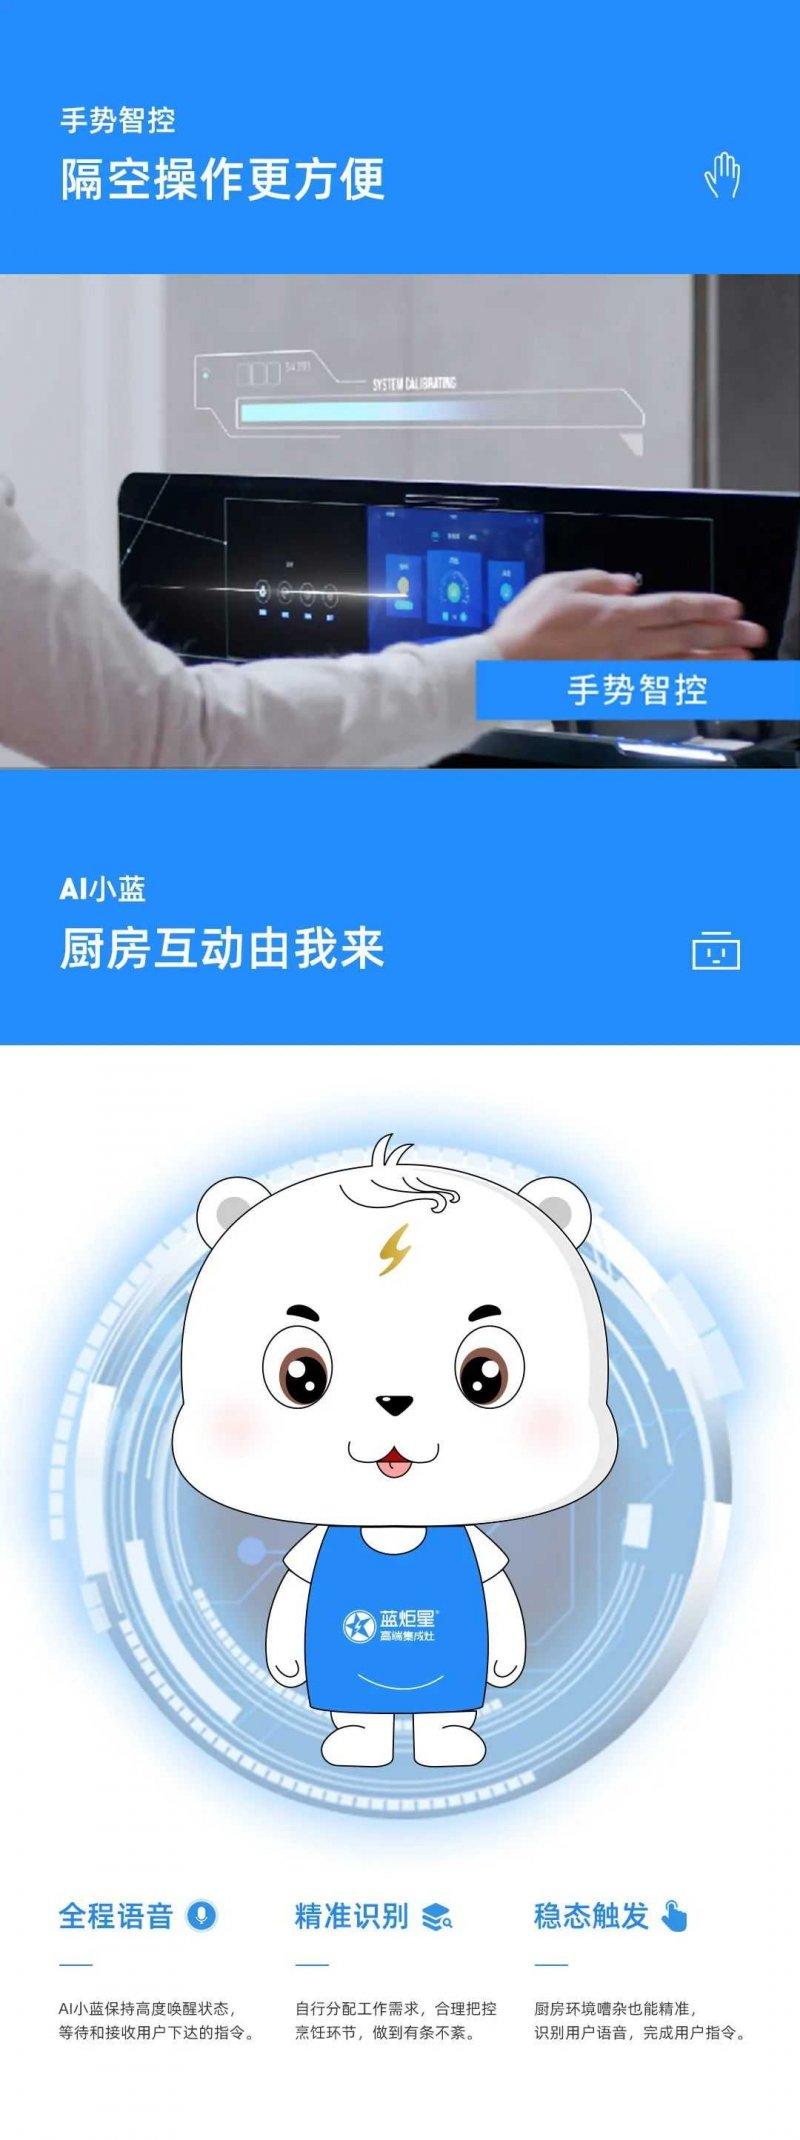 蓝炬星周迅·2号Plus智能高端集成灶产品图片